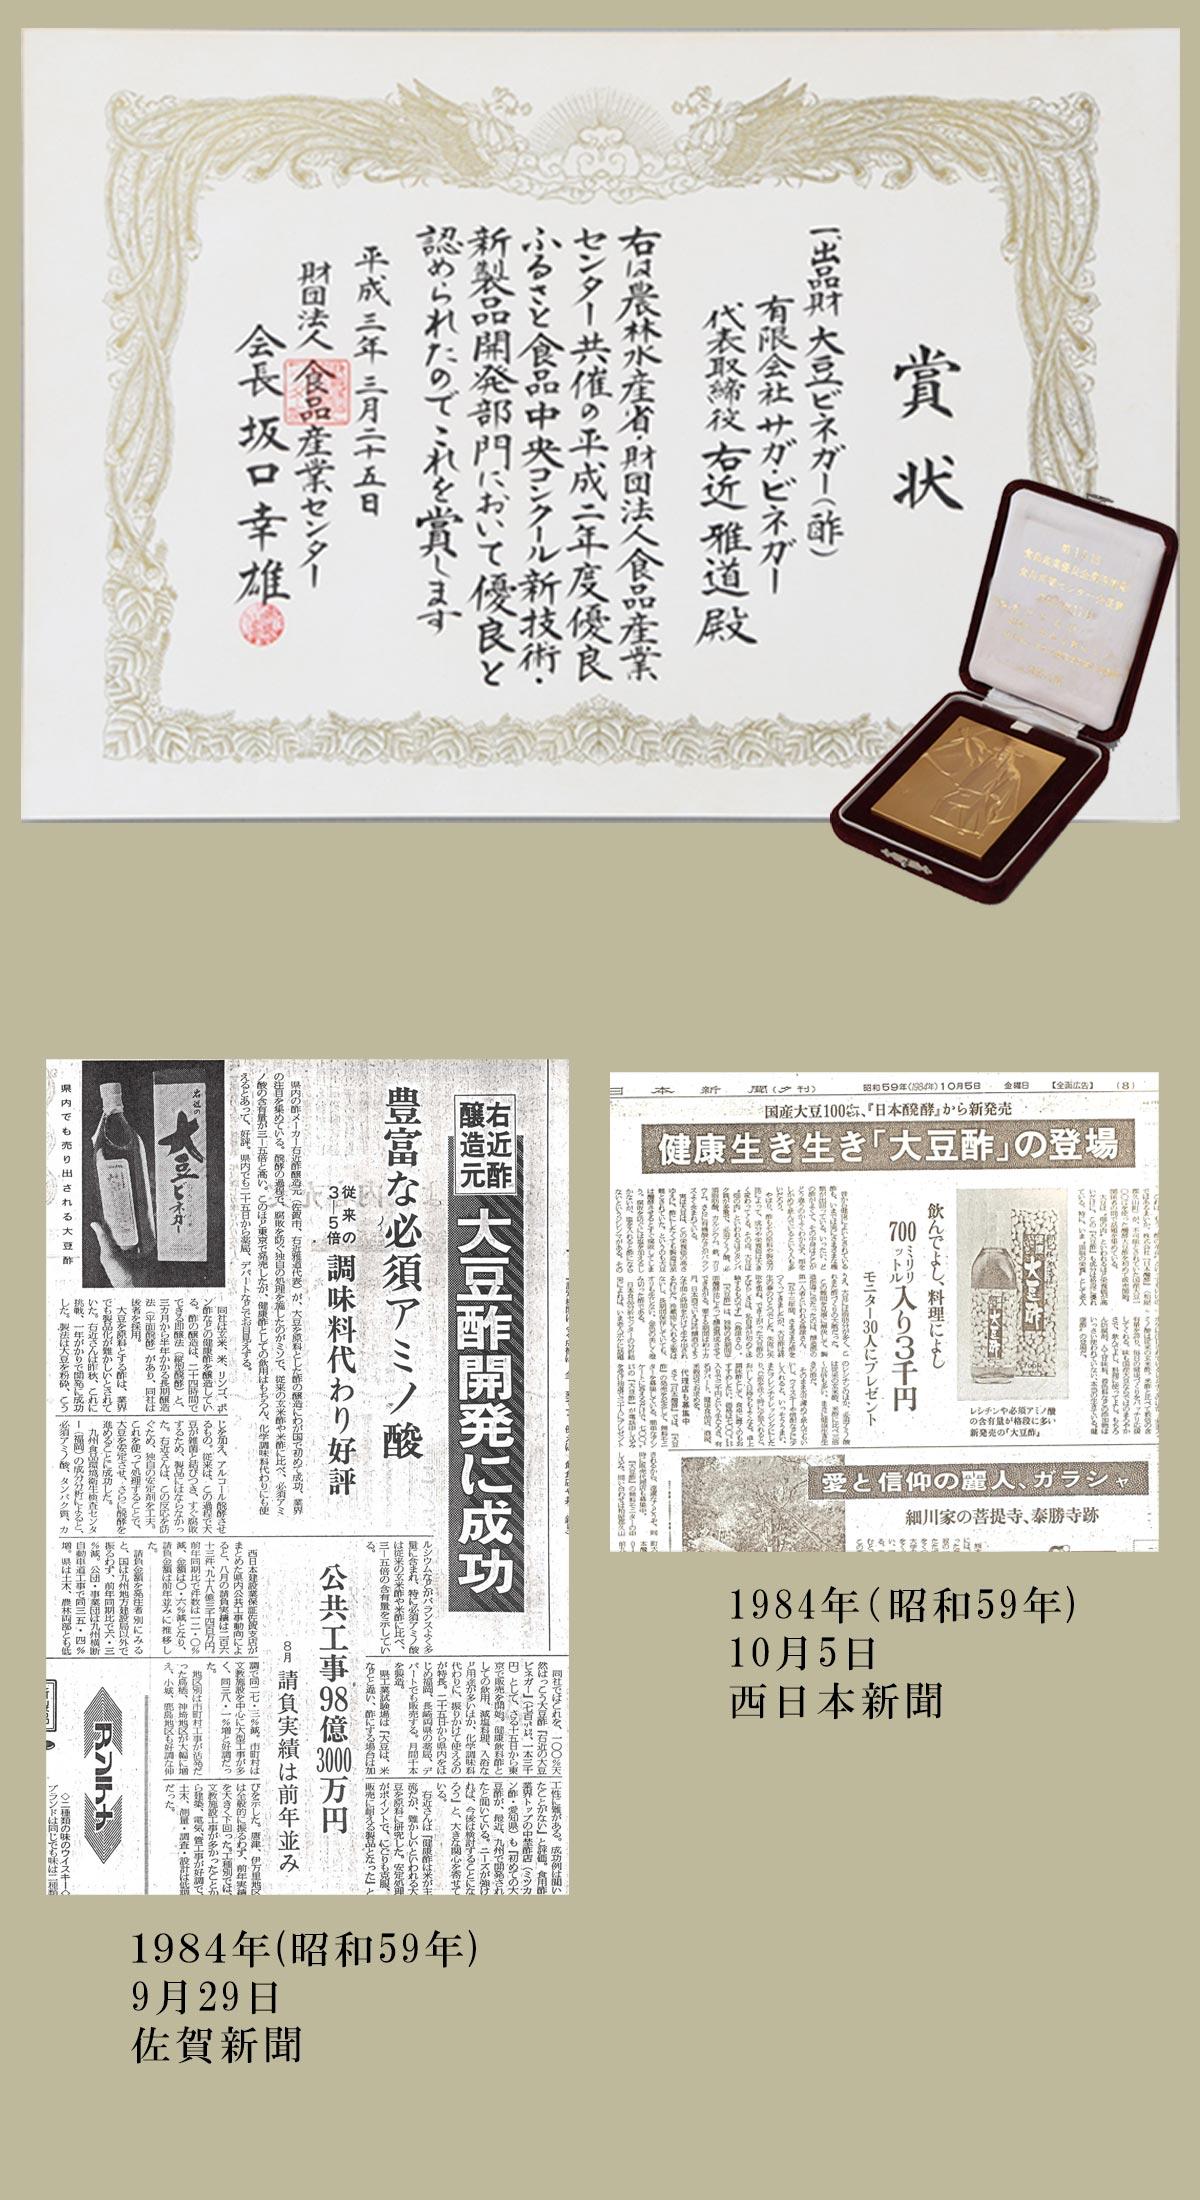 創業1832右近の大豆ビネガー新技術部門賞状